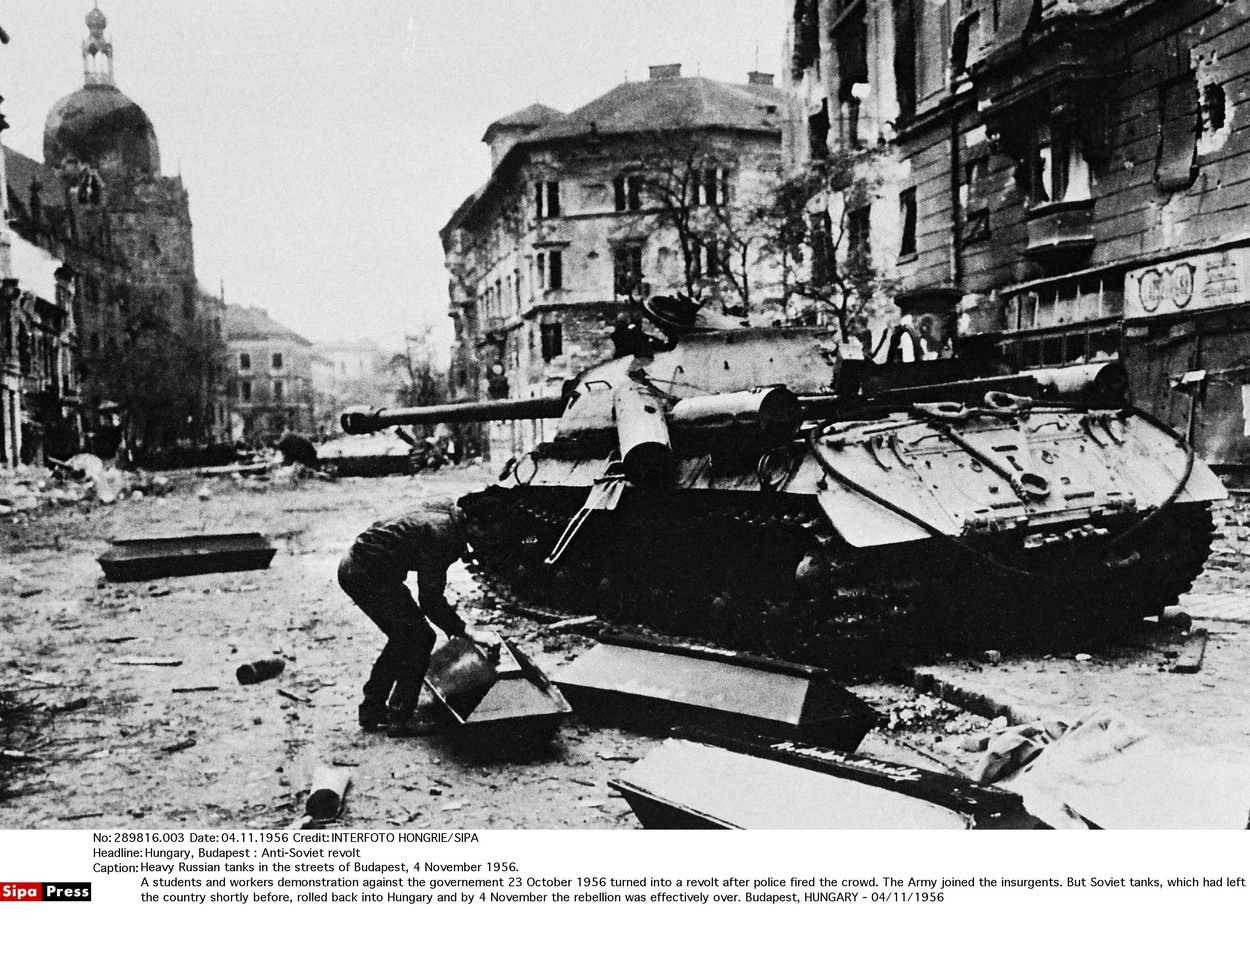 Pasivita Západu v roce 1956 byla pro nás velkým zklamáním, vzpomíná na maďarskou 'kontrarevoluci' Josef Mašín